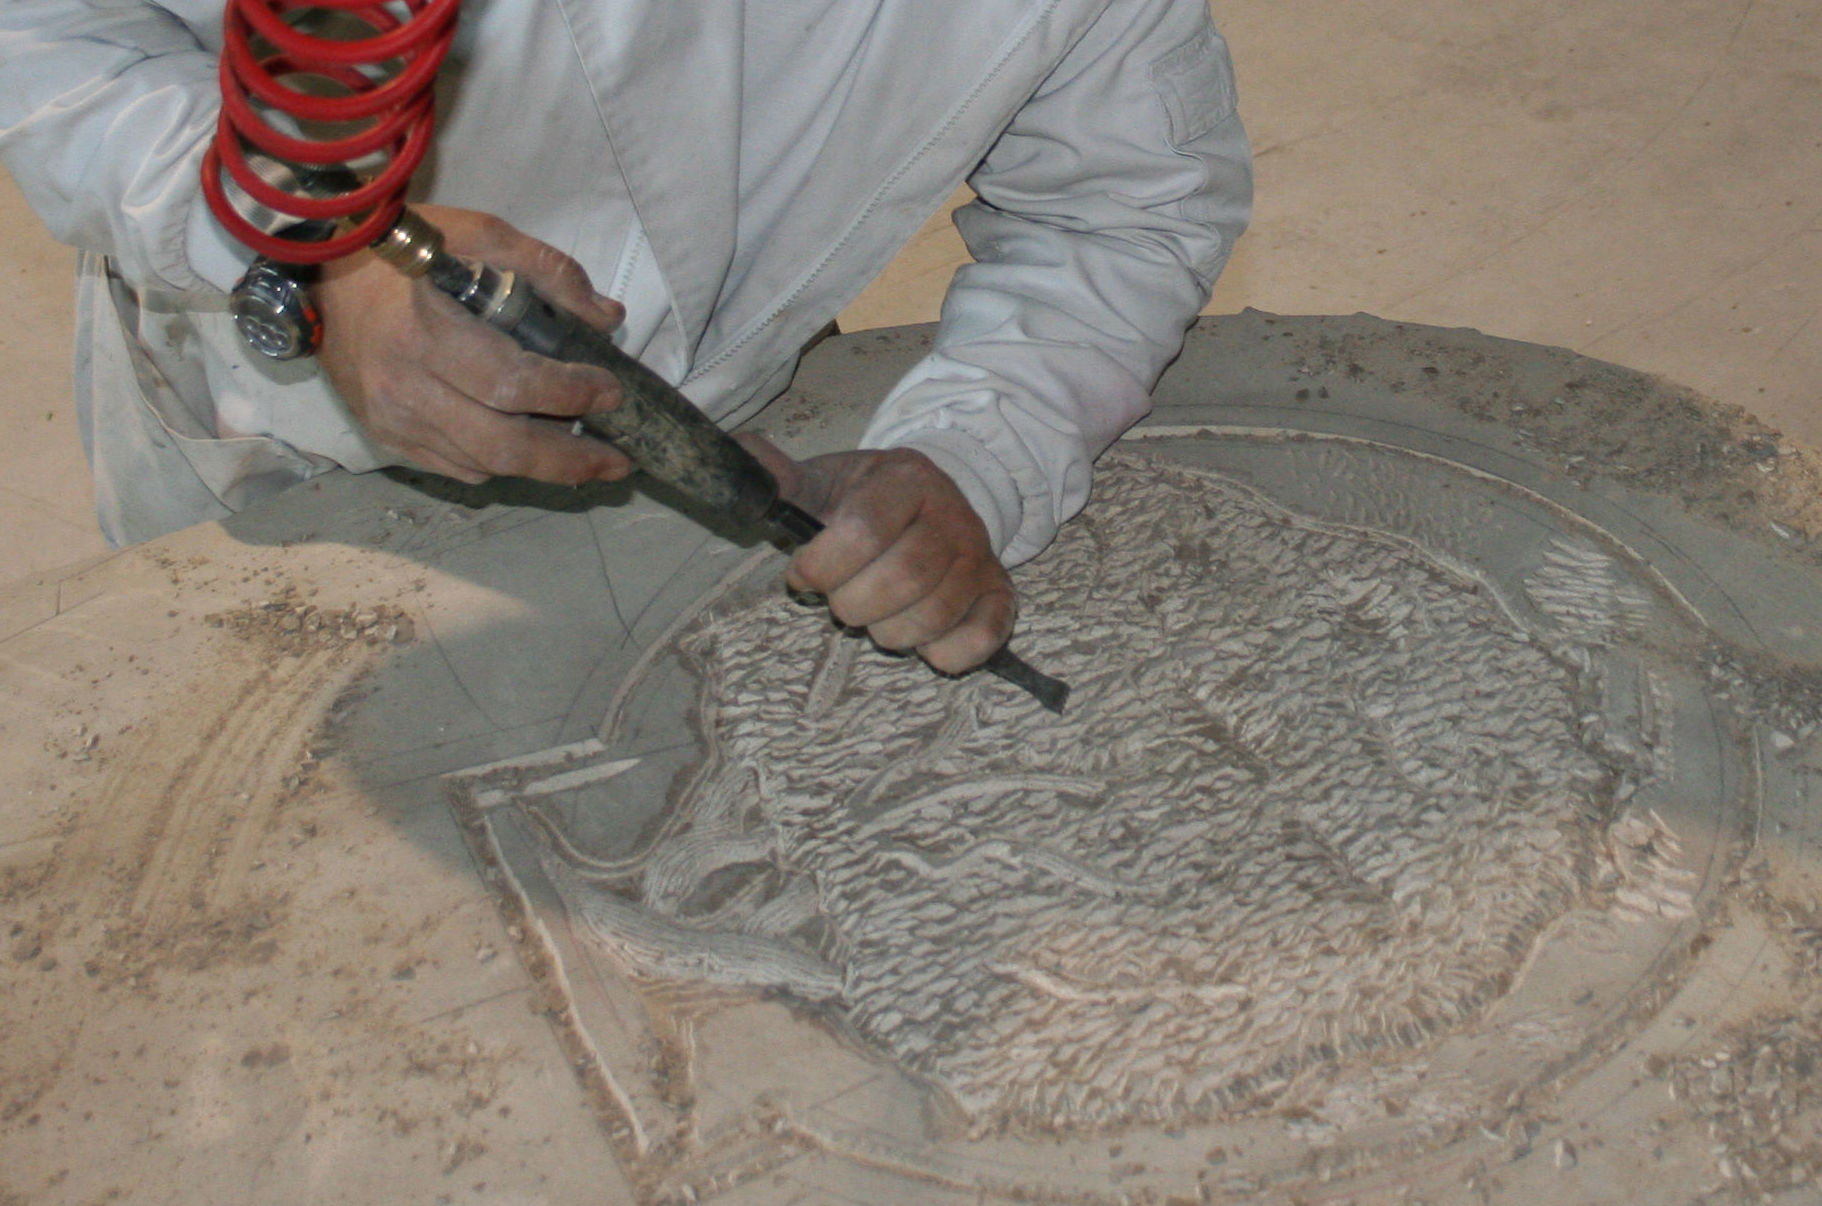 Trabajos artesanales en mármol en Navarra